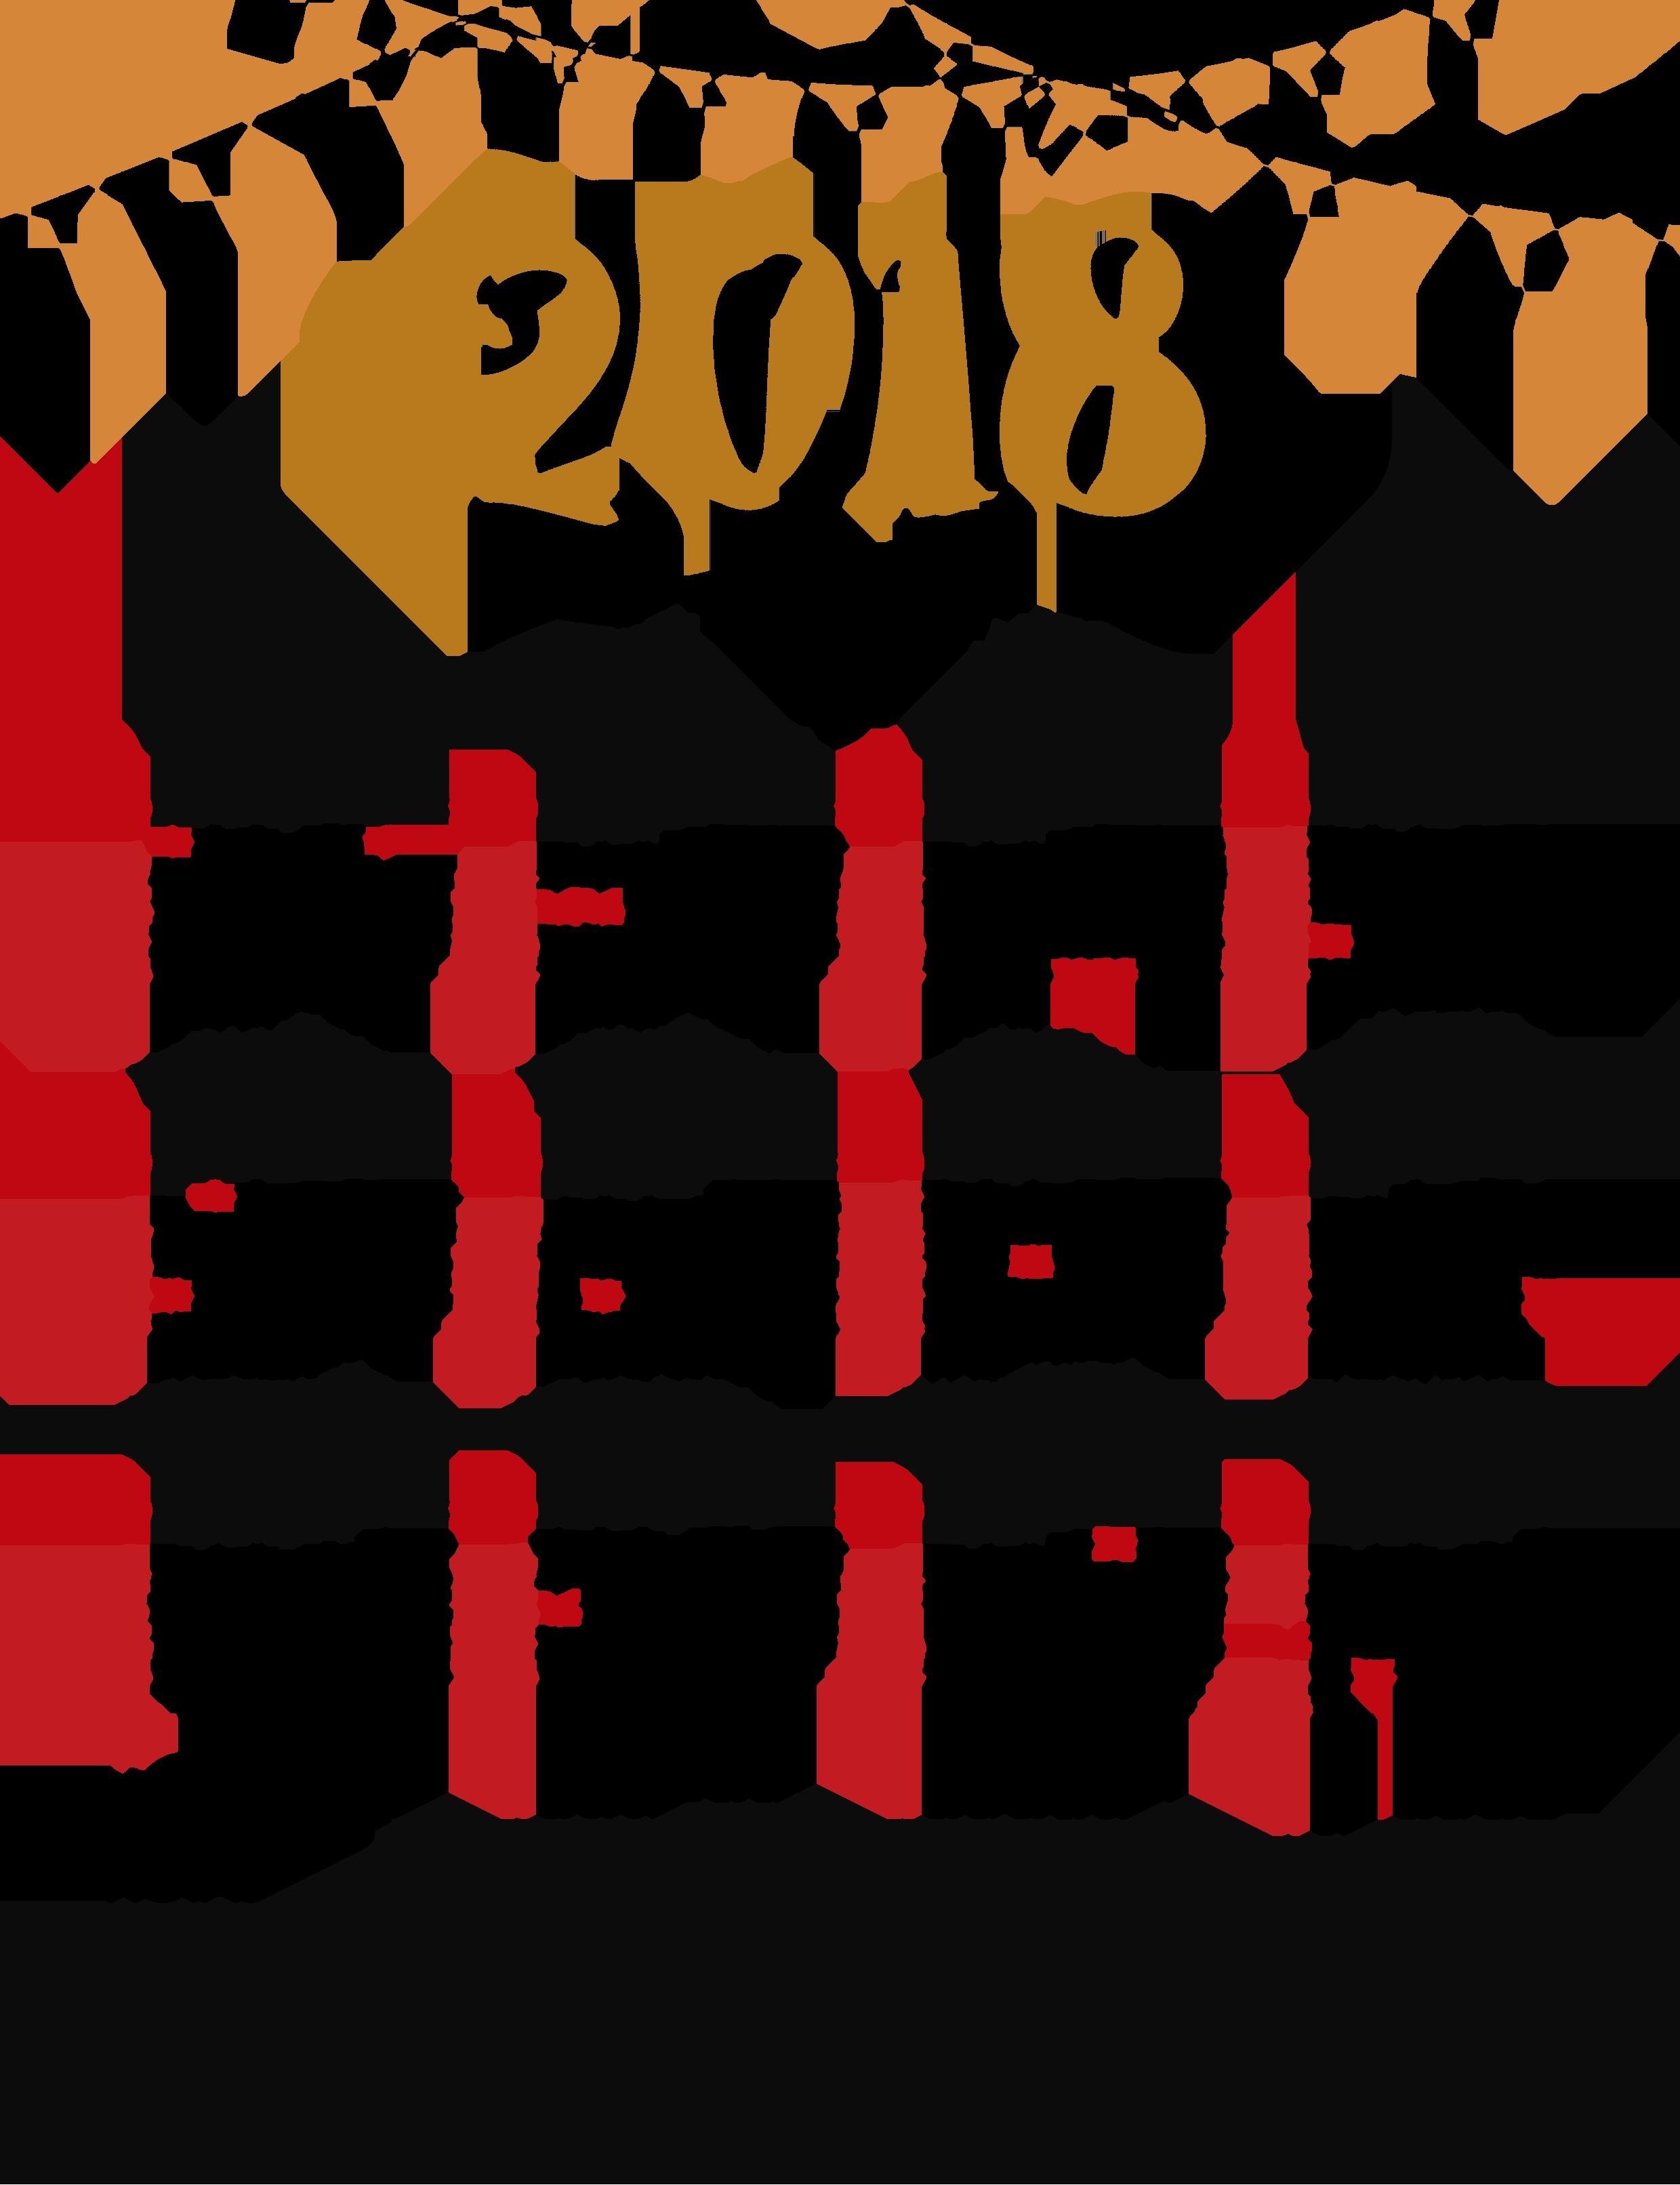 Calendario 2019 Mexico Con Dias Festivos Para Imprimir Más Recientemente Liberado Lief Te Regala Este Calendario 2018 Para Imprimir Y Decorar Tu Hogar Of Calendario 2019 Mexico Con Dias Festivos Para Imprimir Más Recientes Actualidad Calendario 2019 Mexico Con Festivos